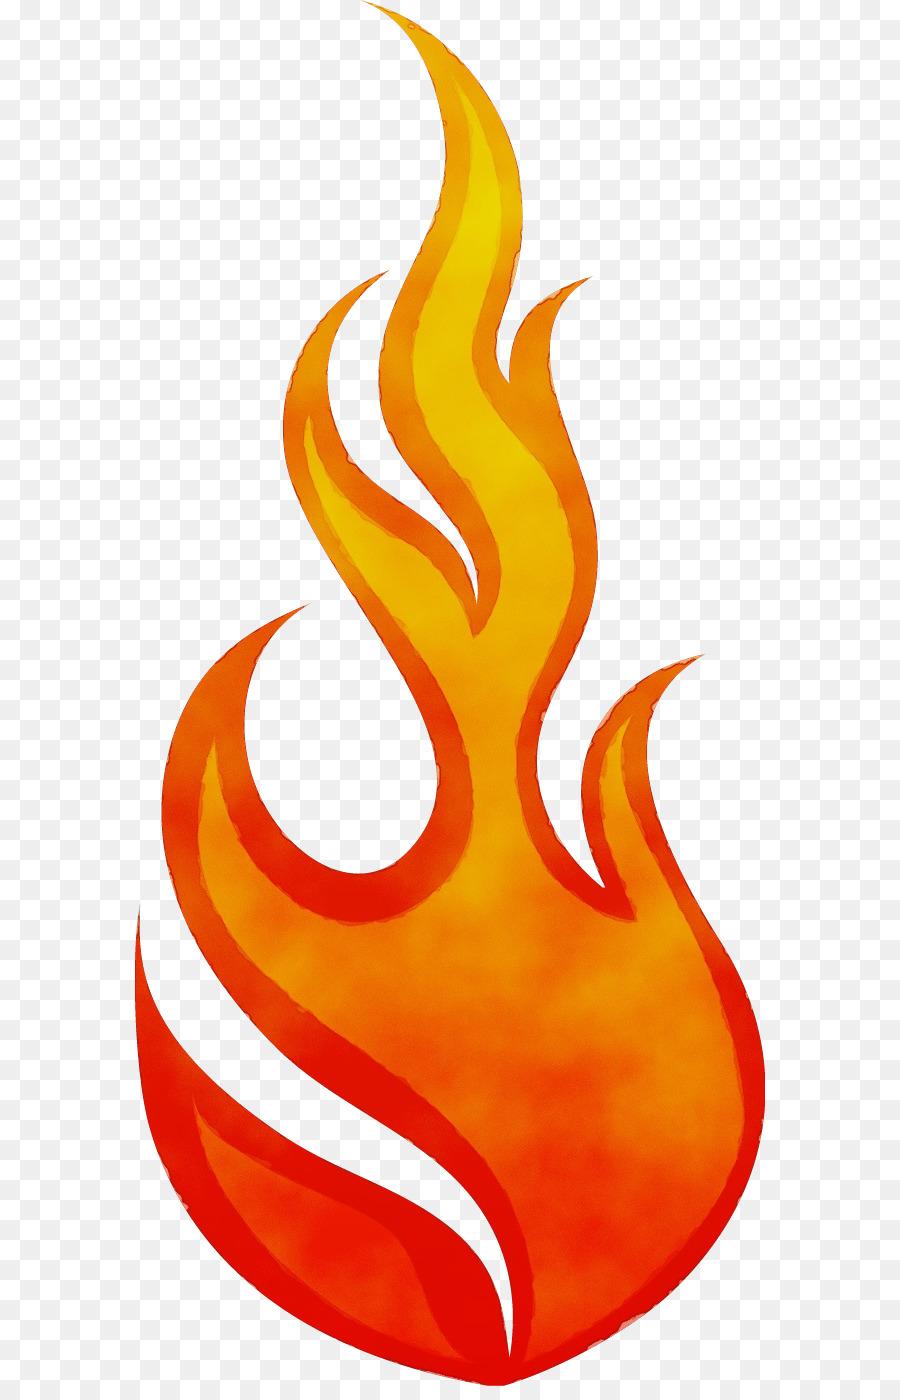 Descarga gratuita de Llama, La Combustión, La Hoguera imágenes PNG